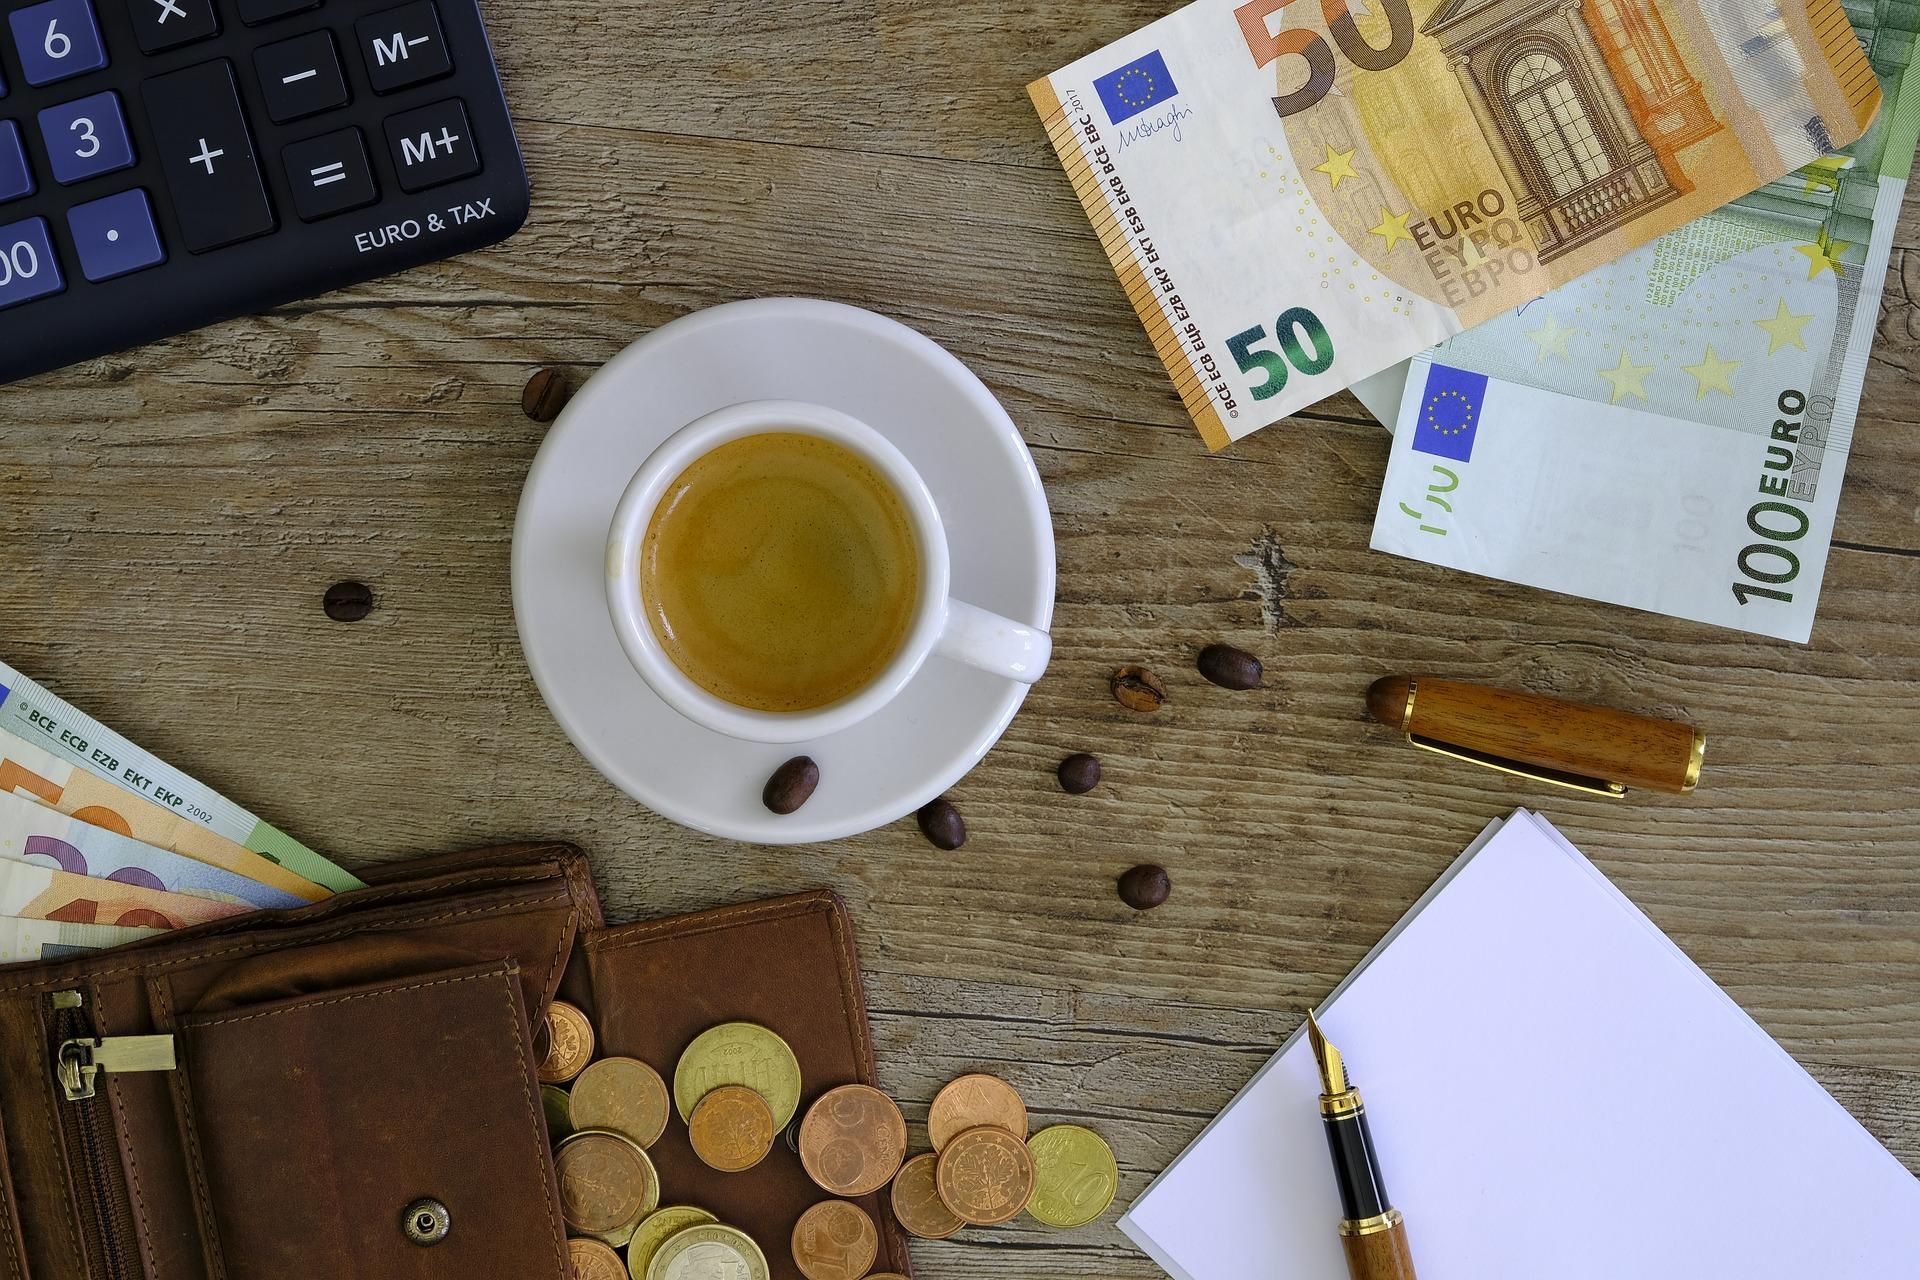 Gesonderte und einheitliche Feststellung von Besteuerungsgrundlagen - und der Progressionsvorbehalt